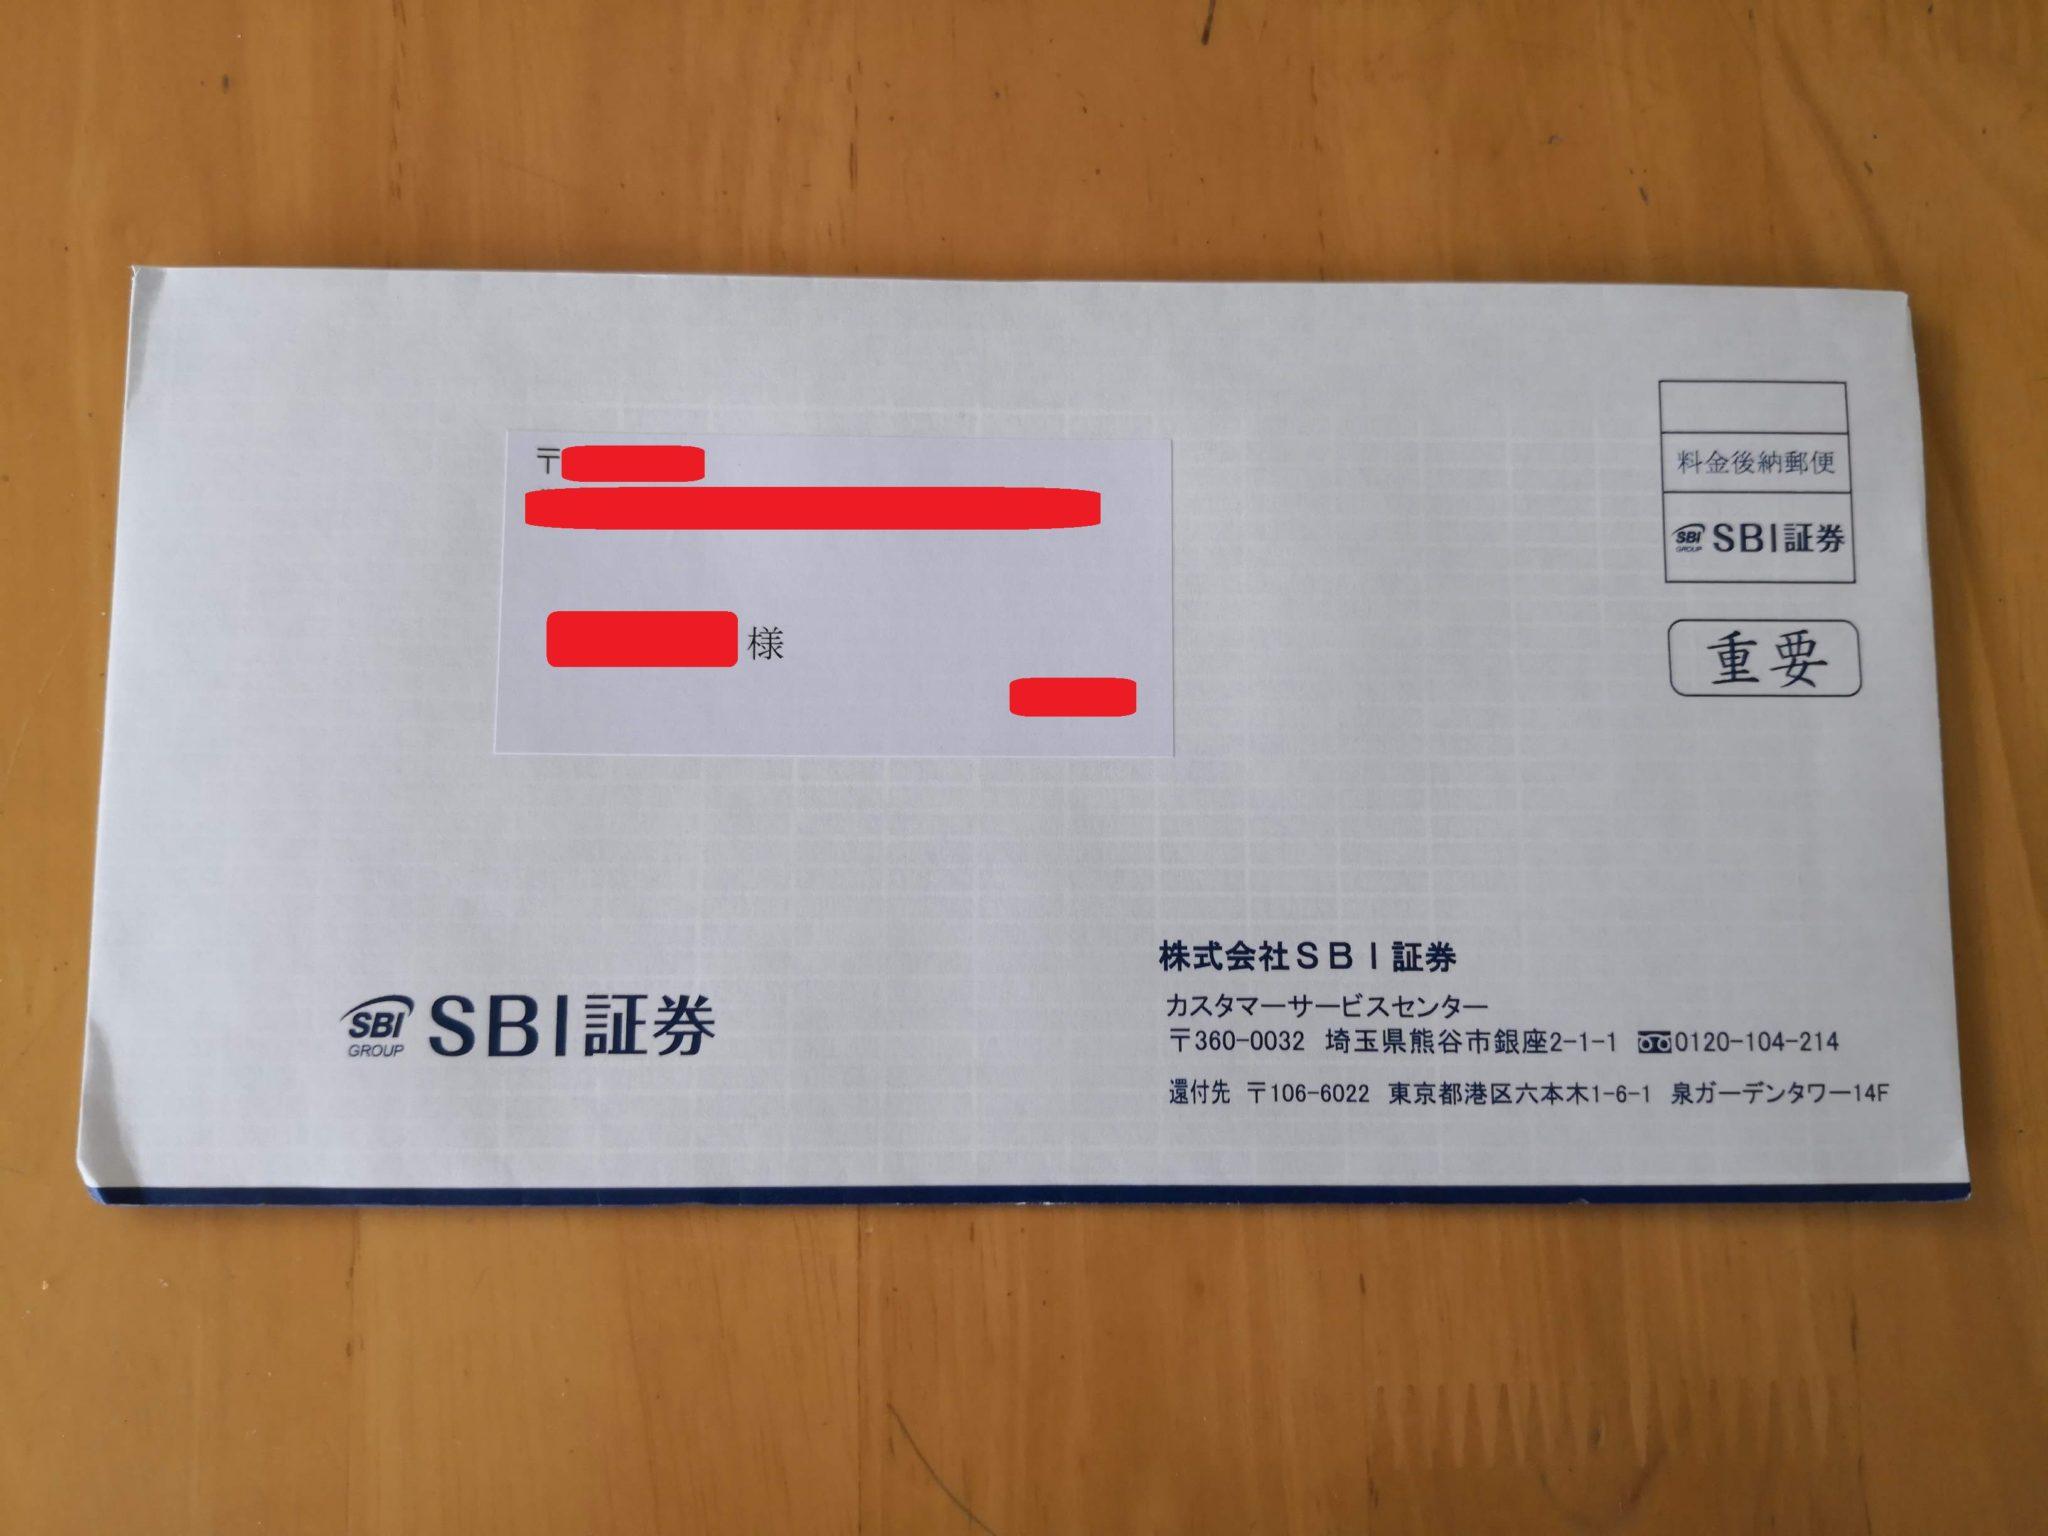 SBI証券から届いた封筒